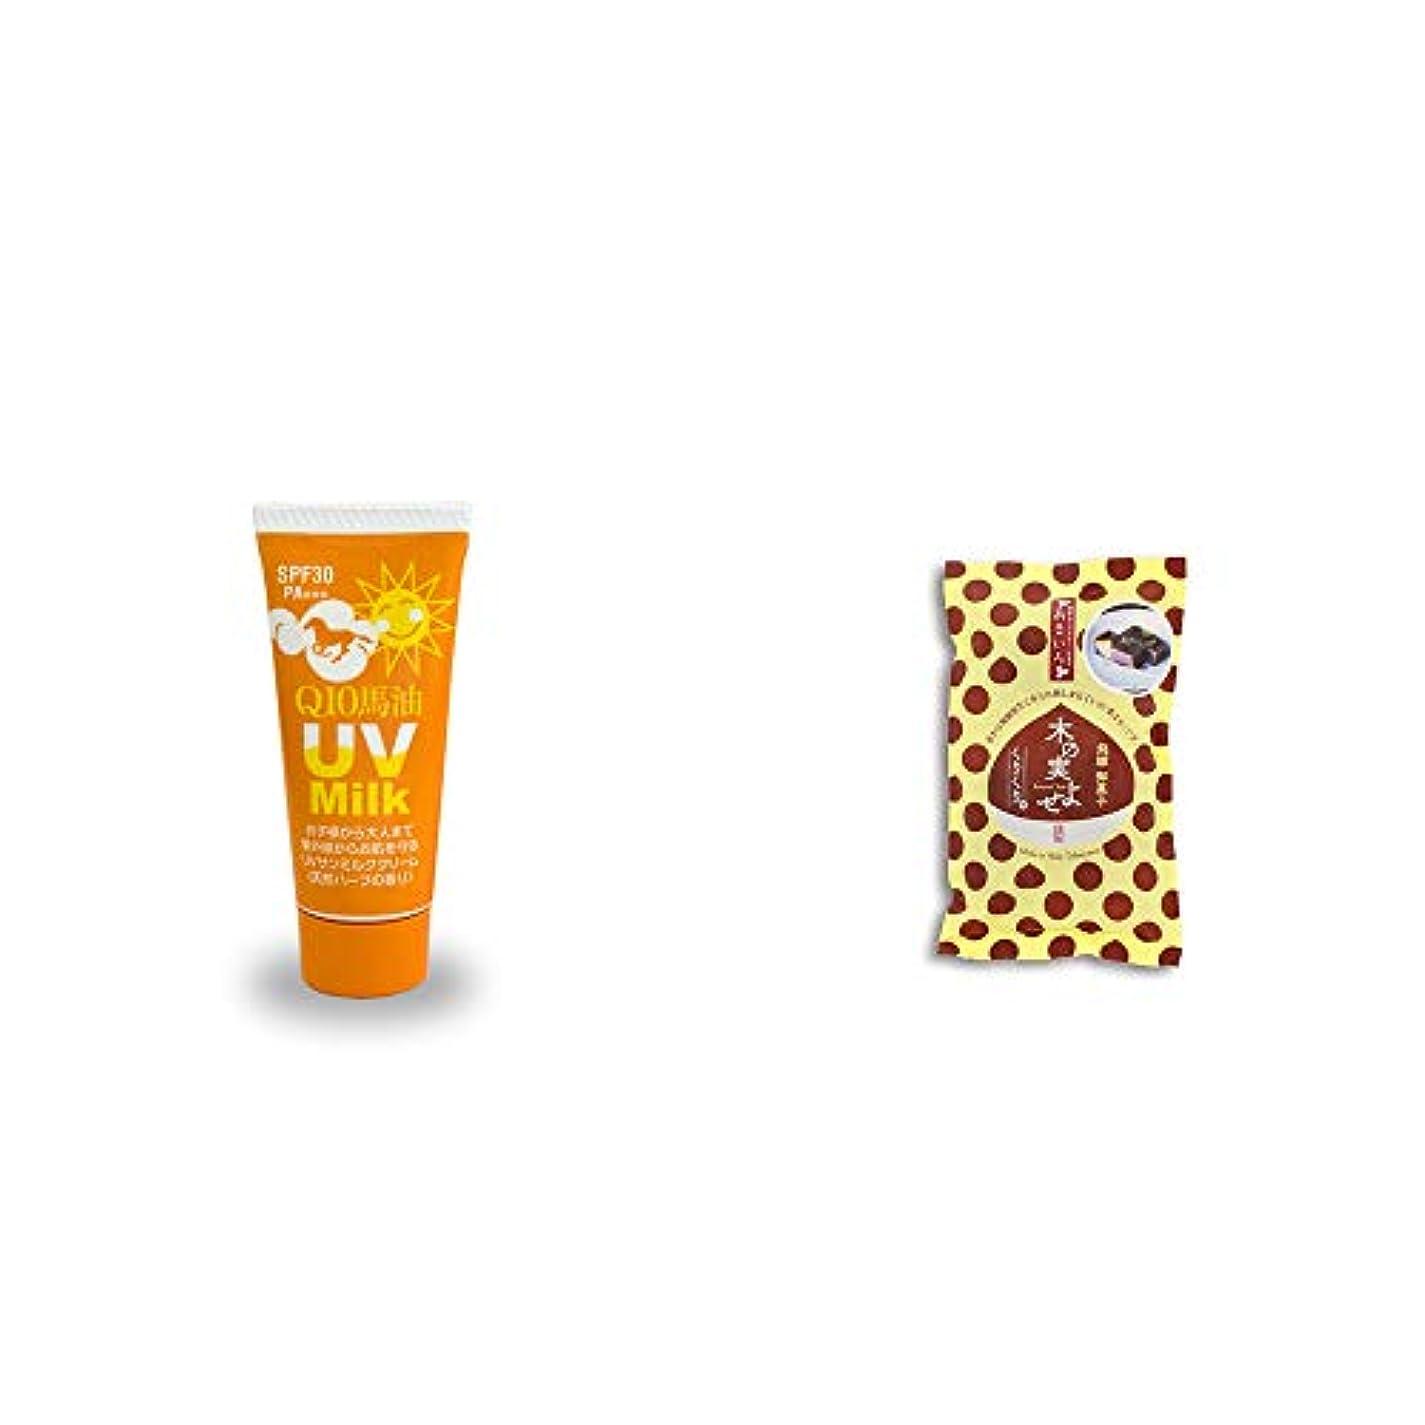 広範囲究極のメンタル[2点セット] 炭黒泉 Q10馬油 UVサンミルク[天然ハーブ](40g)?木の実よせ くりくり味(5個入)